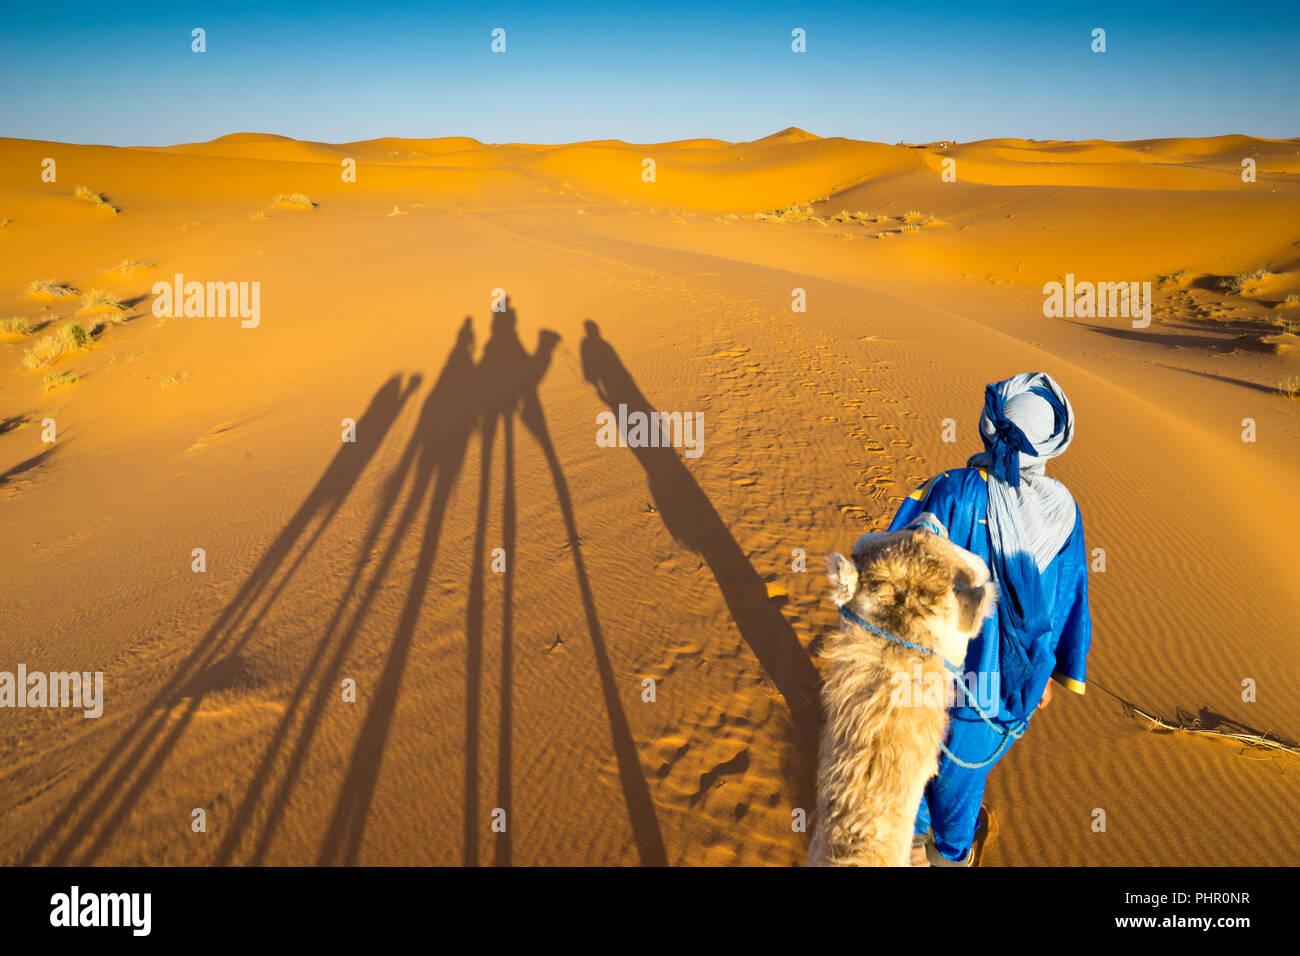 Kamelritt durch die Wüste Sahara in Marokko - Stock Image